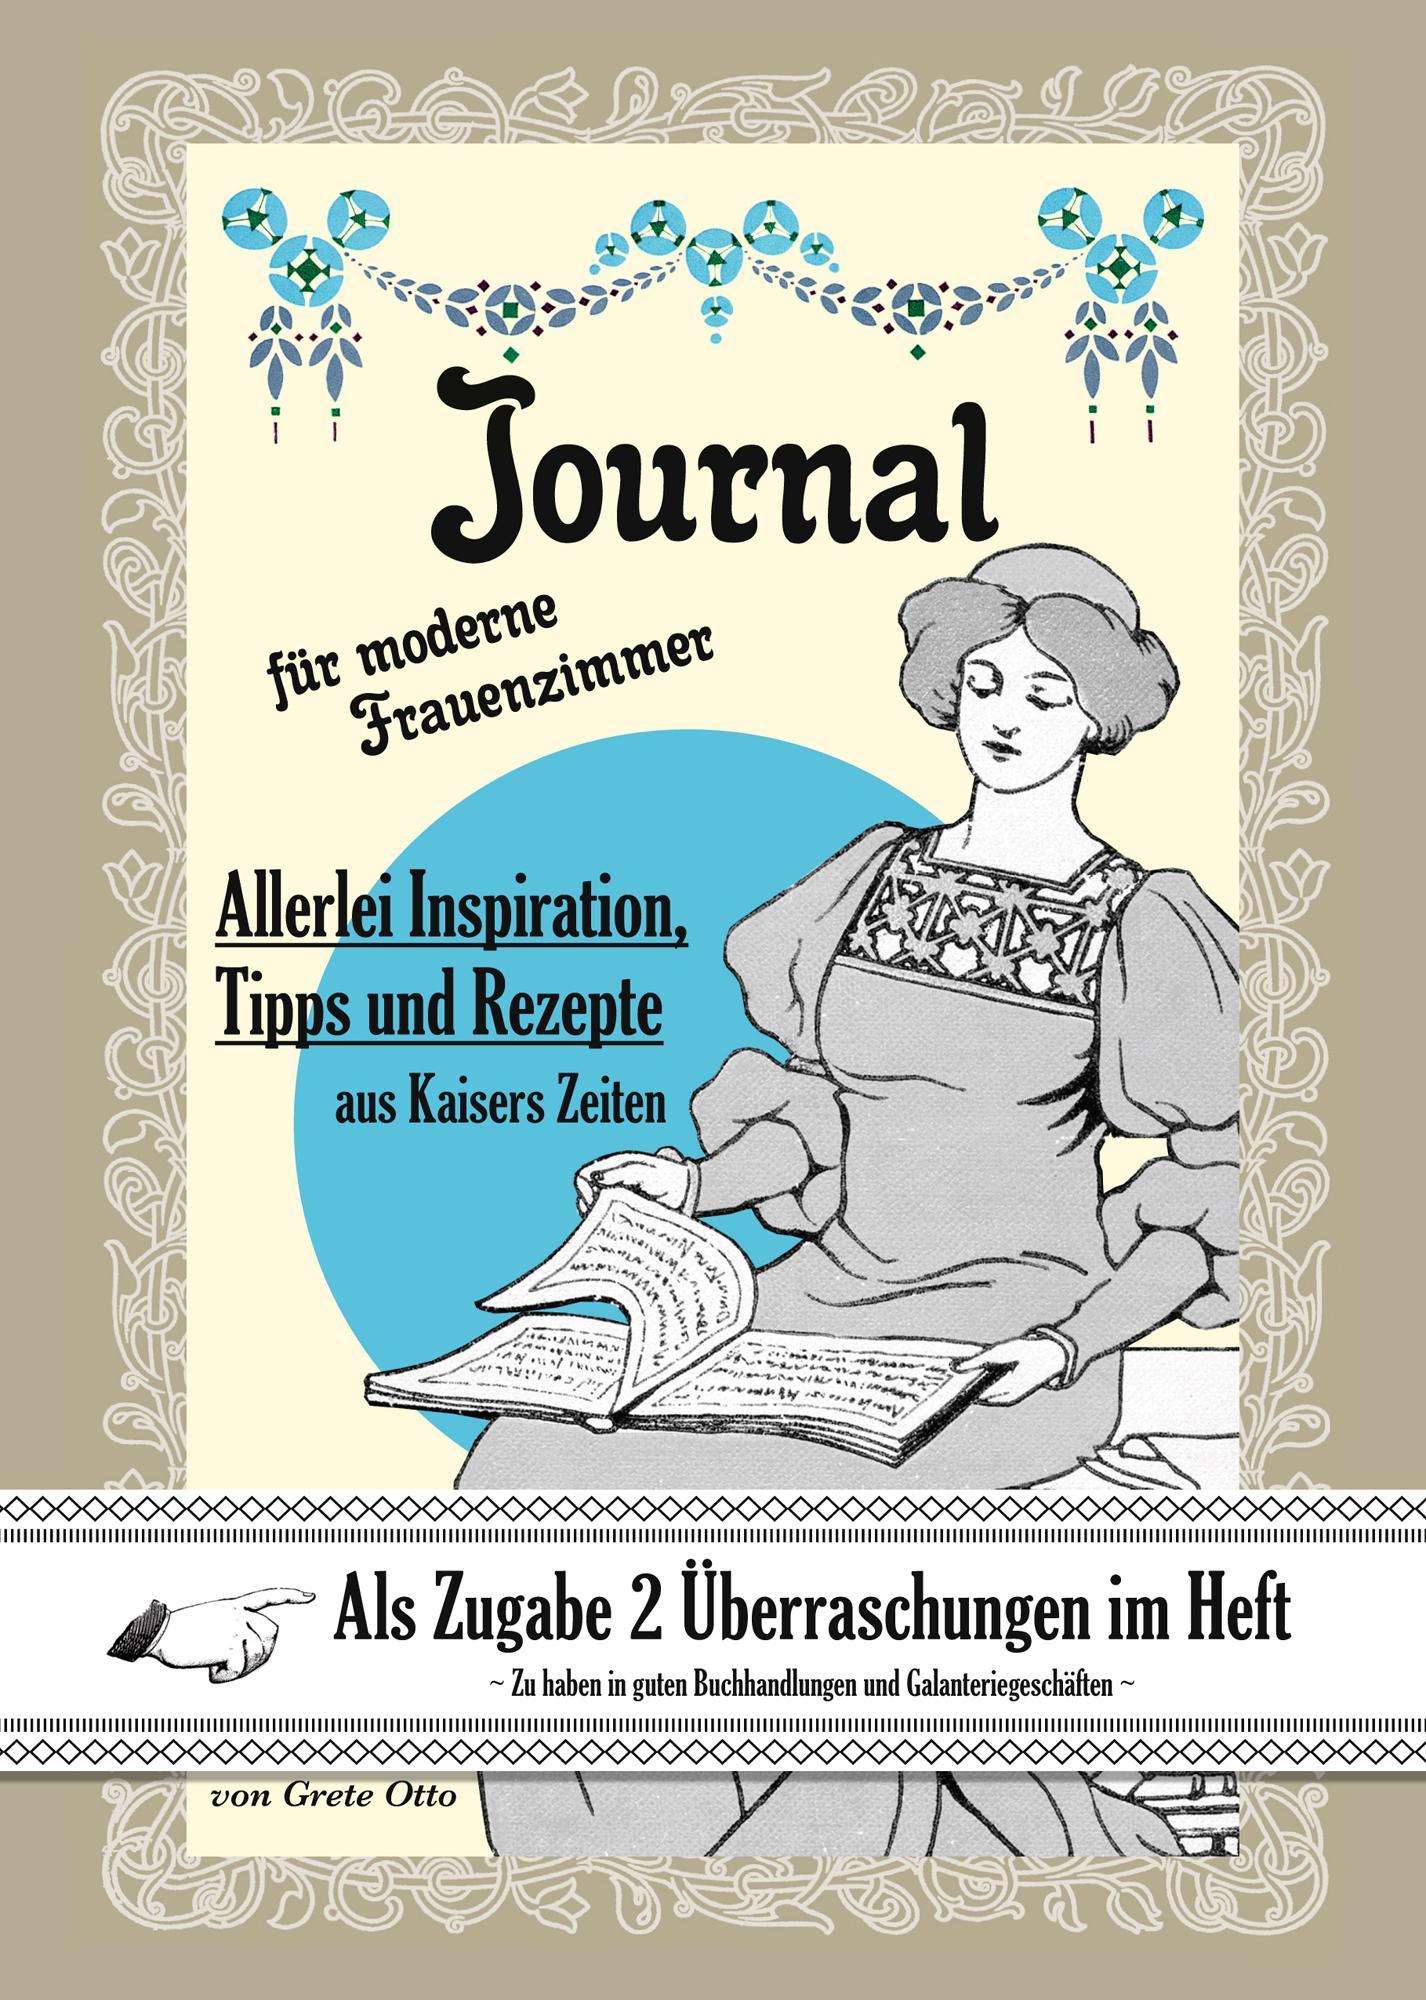 Journal_Umschlag_neu_einzel_final.indd